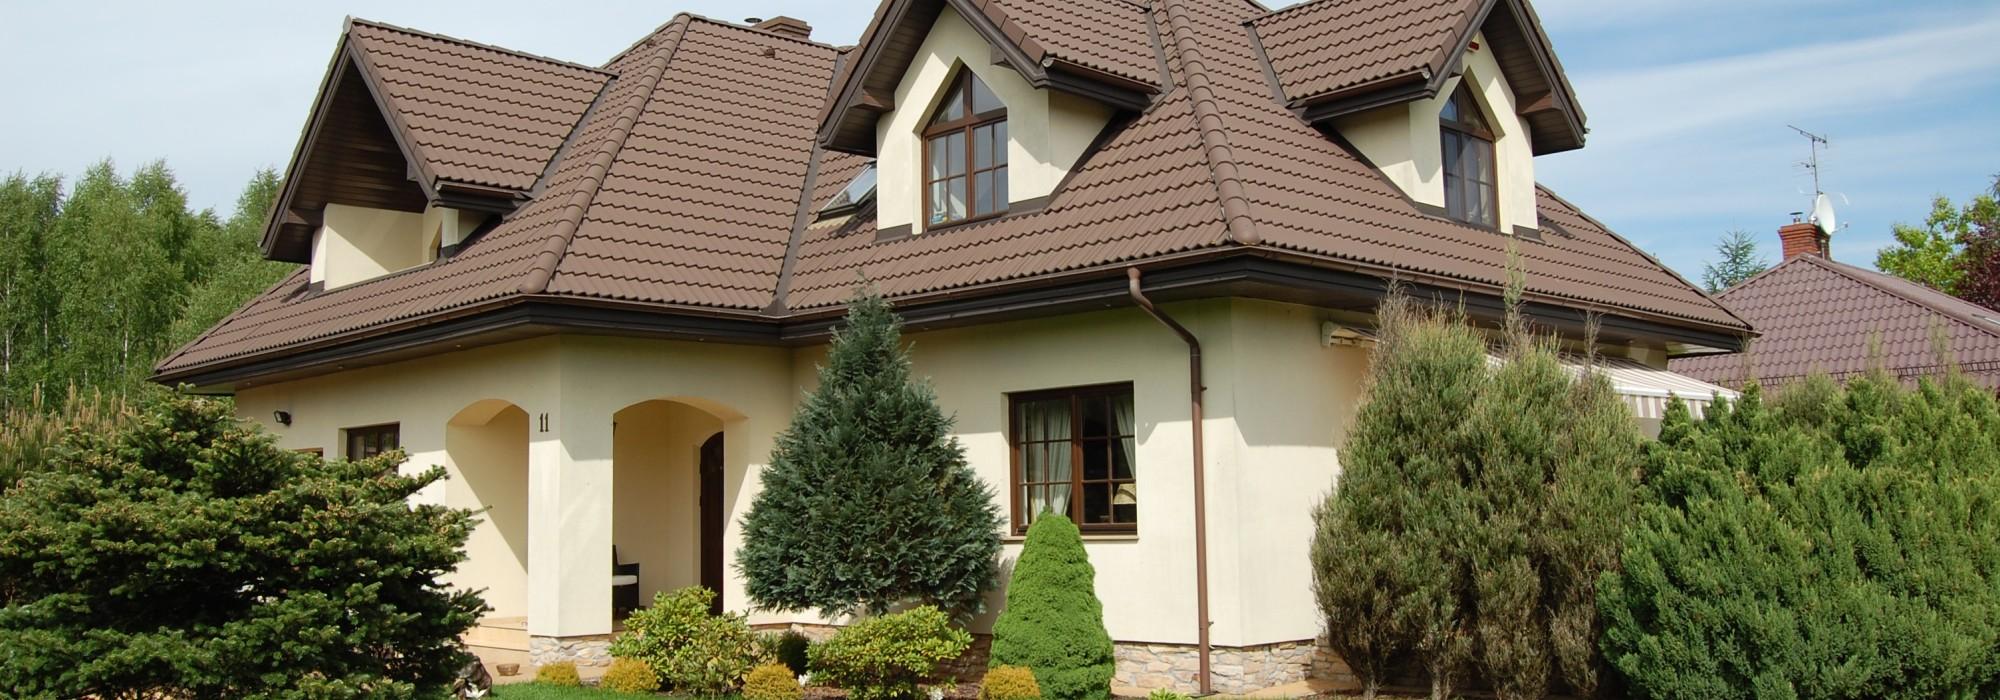 Dom w Bobrowcu koło Piaseczna